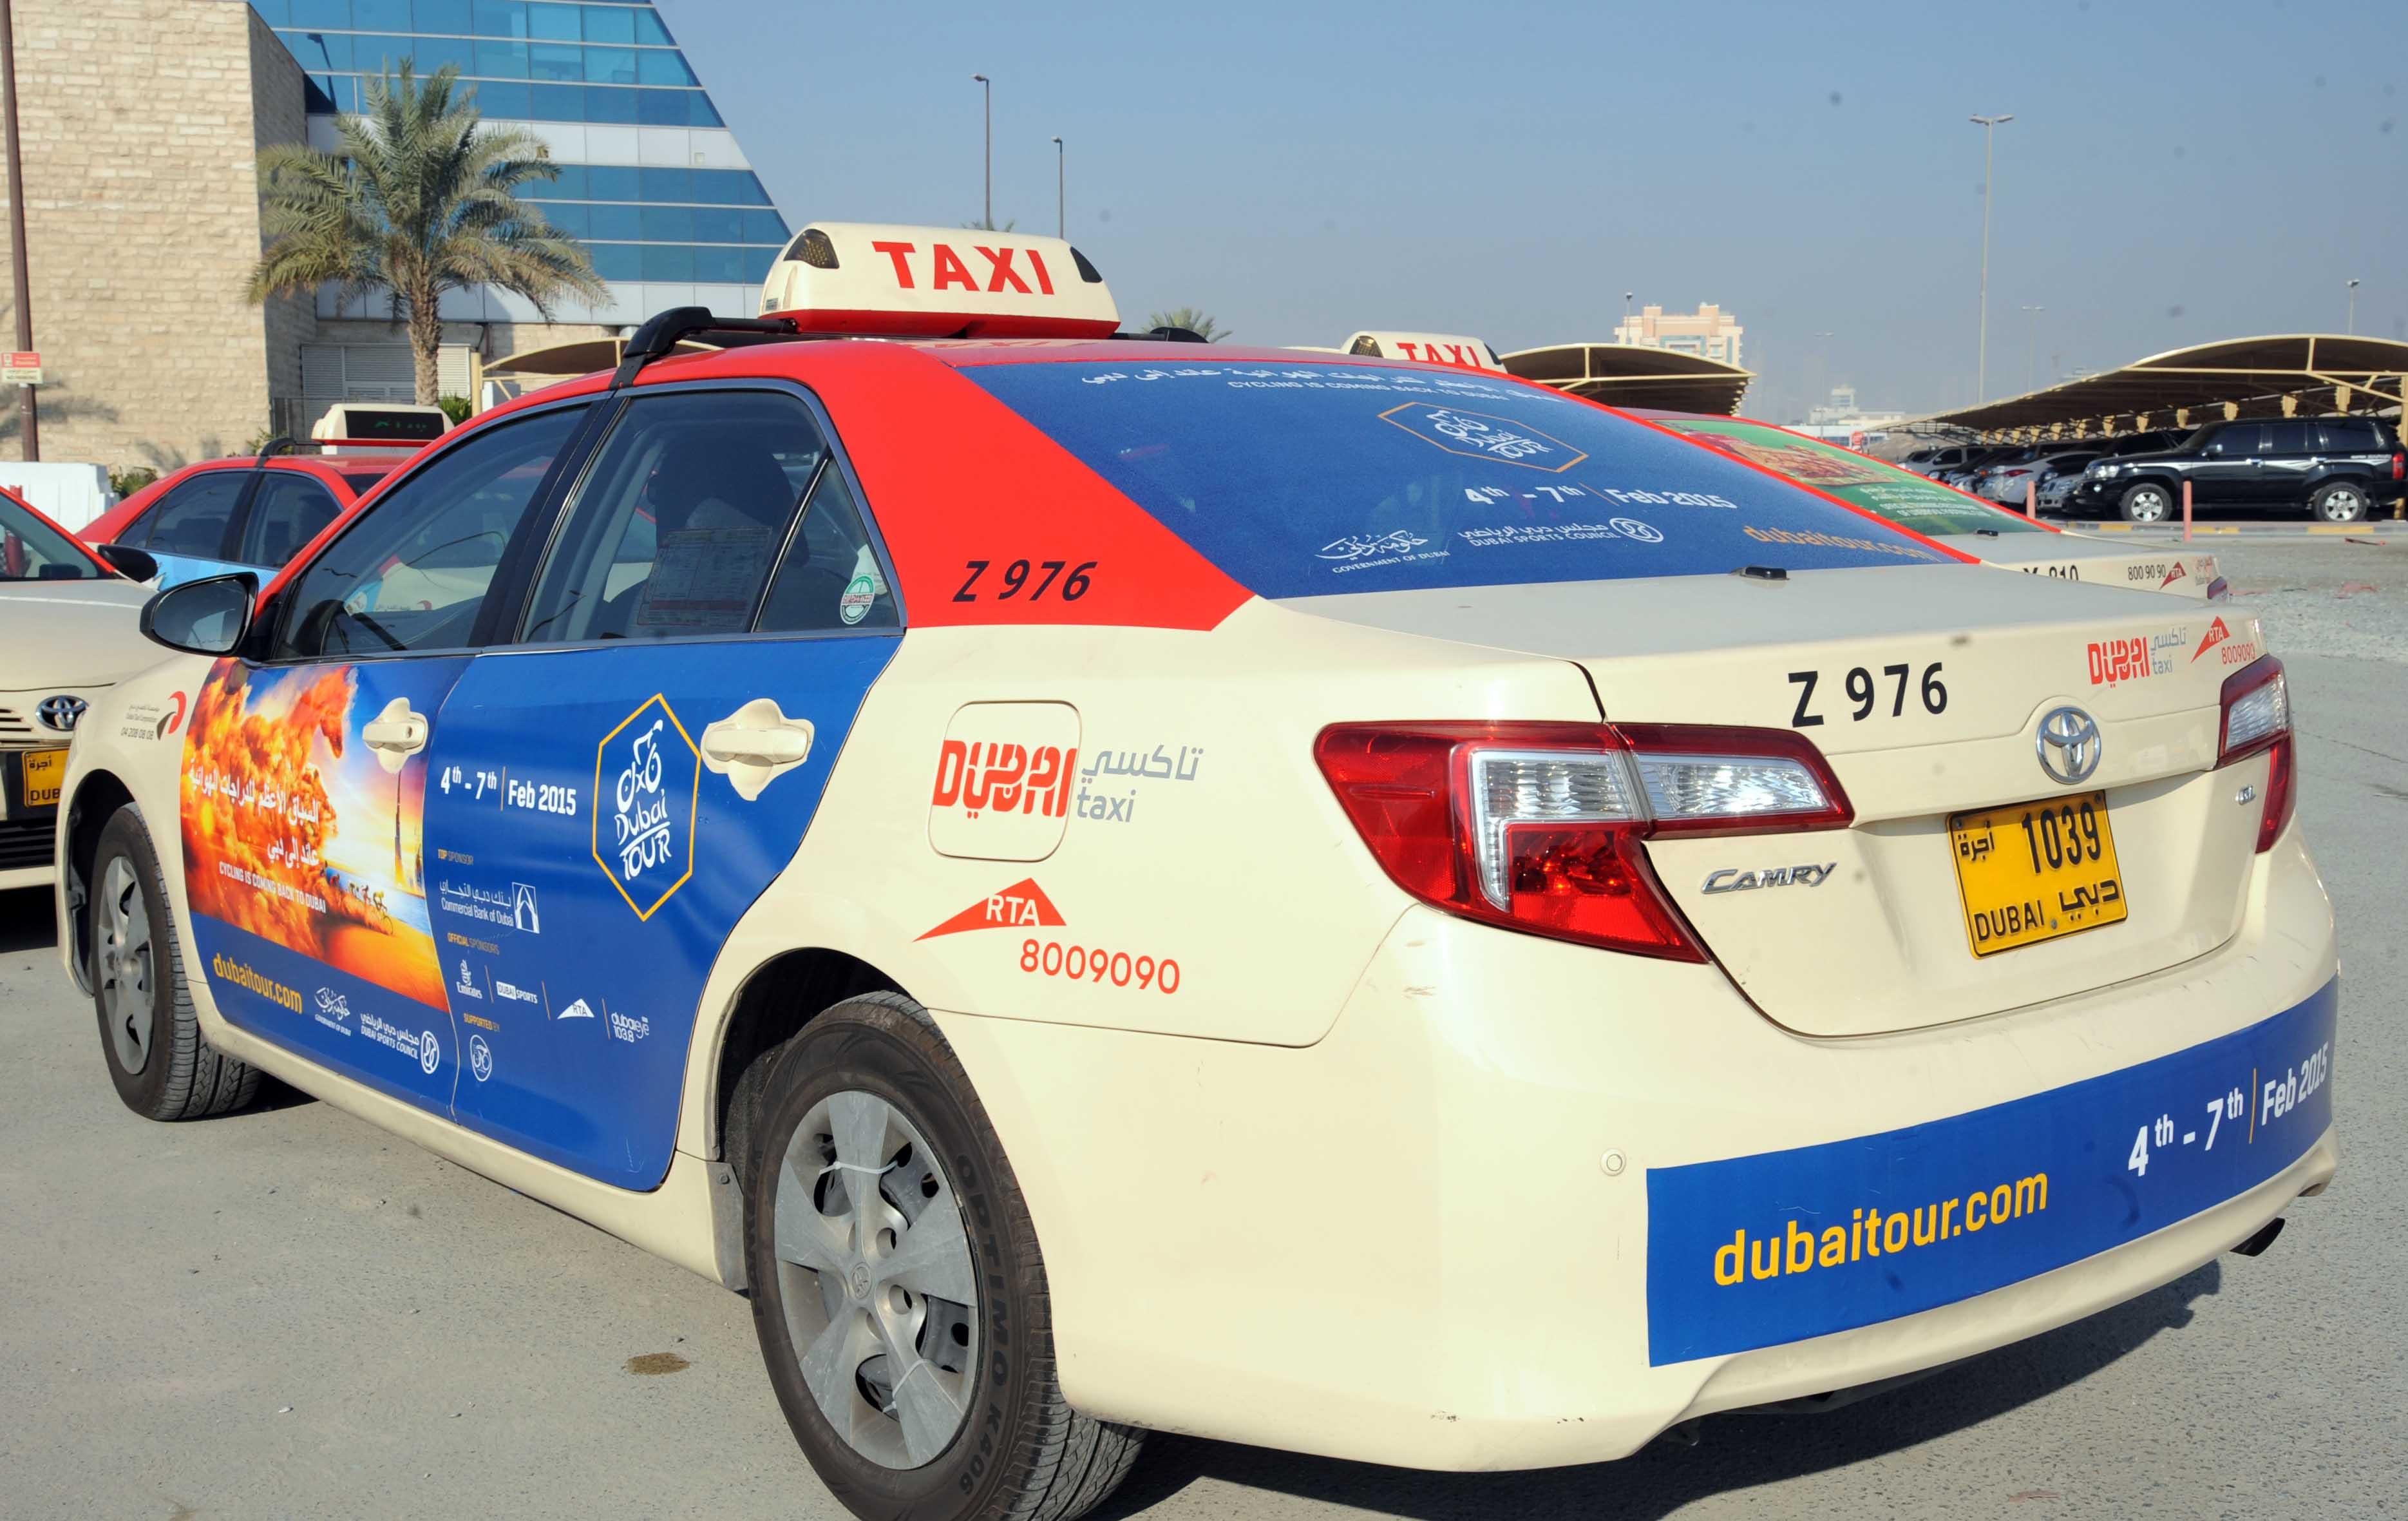 (طرق دبي) تدعو الجمهور لعدم استخدام سيارات نقل الركاب غير المرخصة